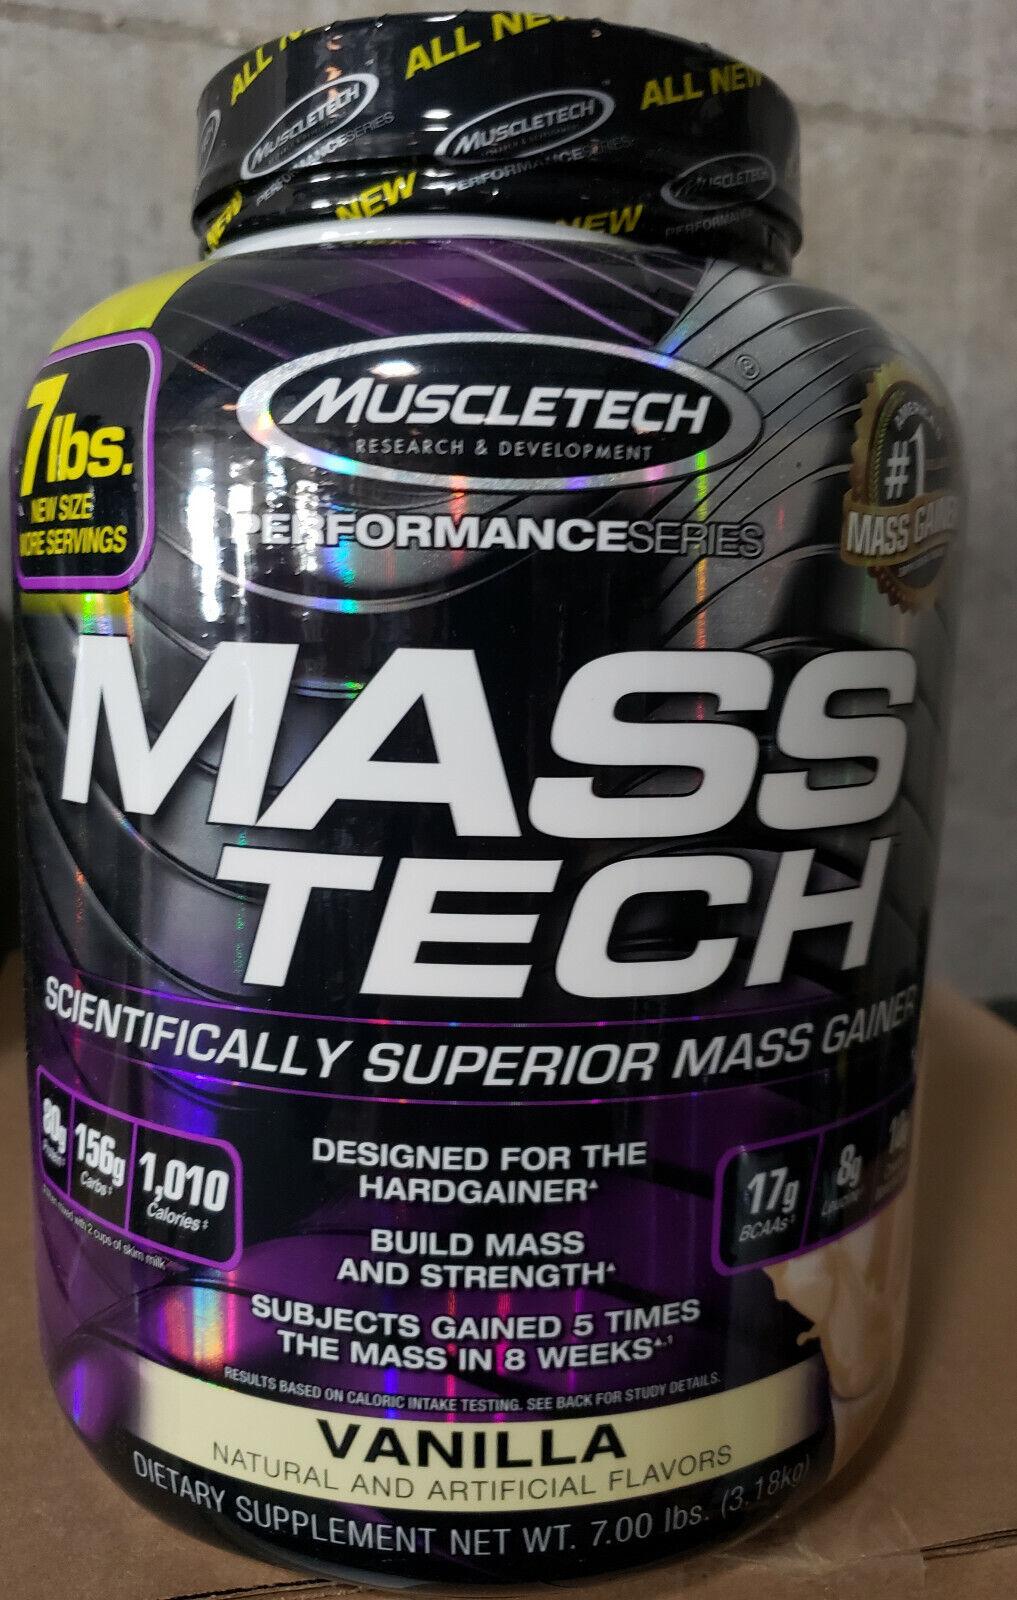 Muscletech Mass Tech Mass Gainer Protein Hardgainer Choose F